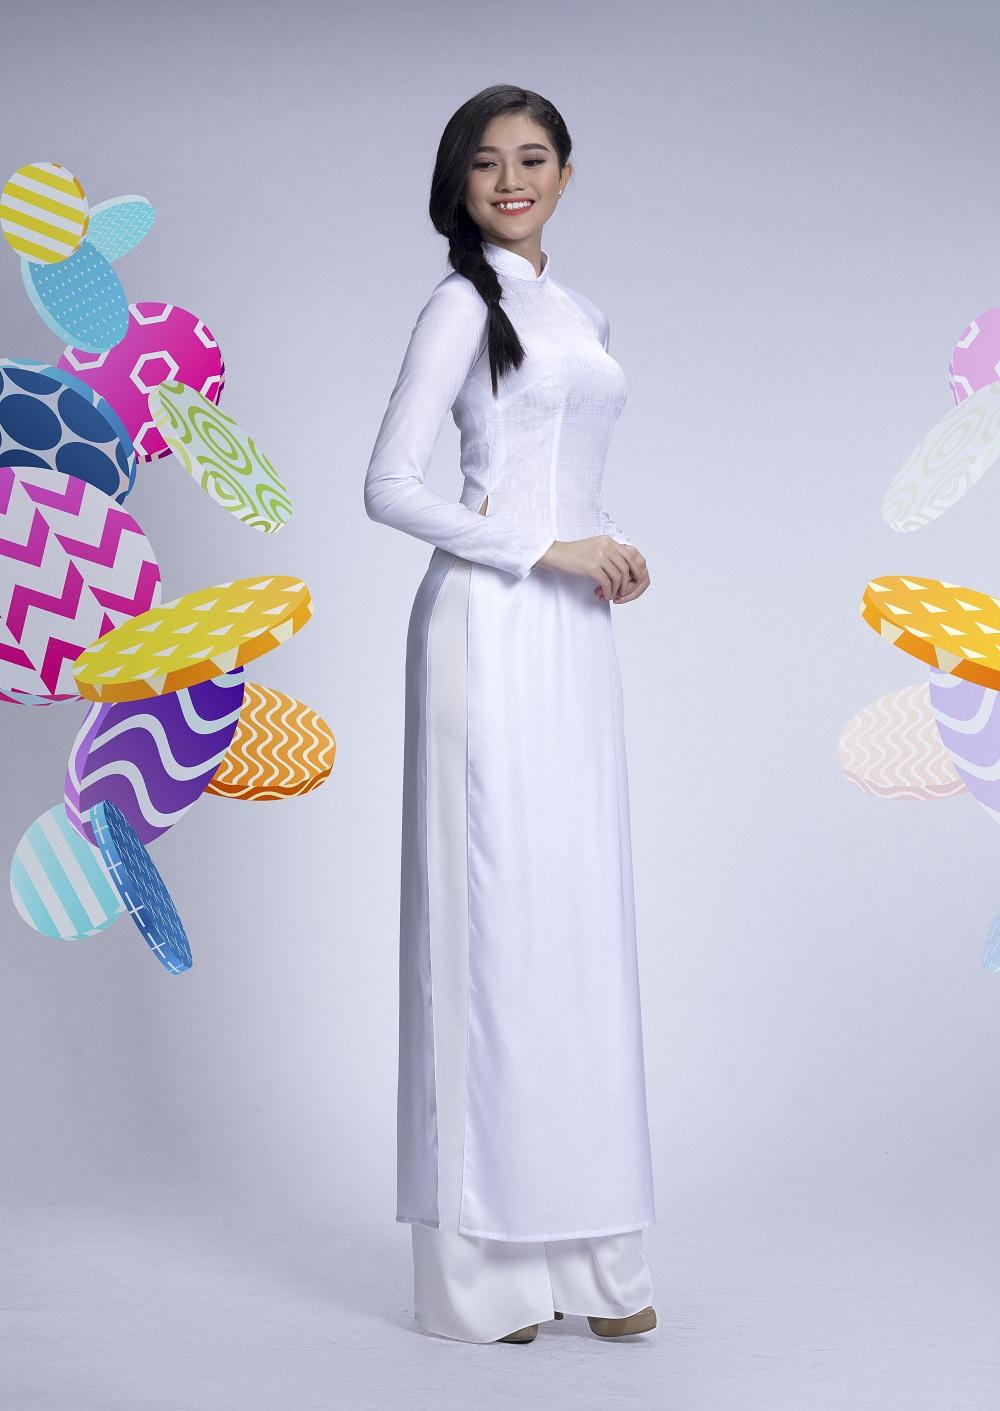 Đẹp tinh khôi với áo dài trắng lấy cảm hứng từ hội họa - Ảnh 3.